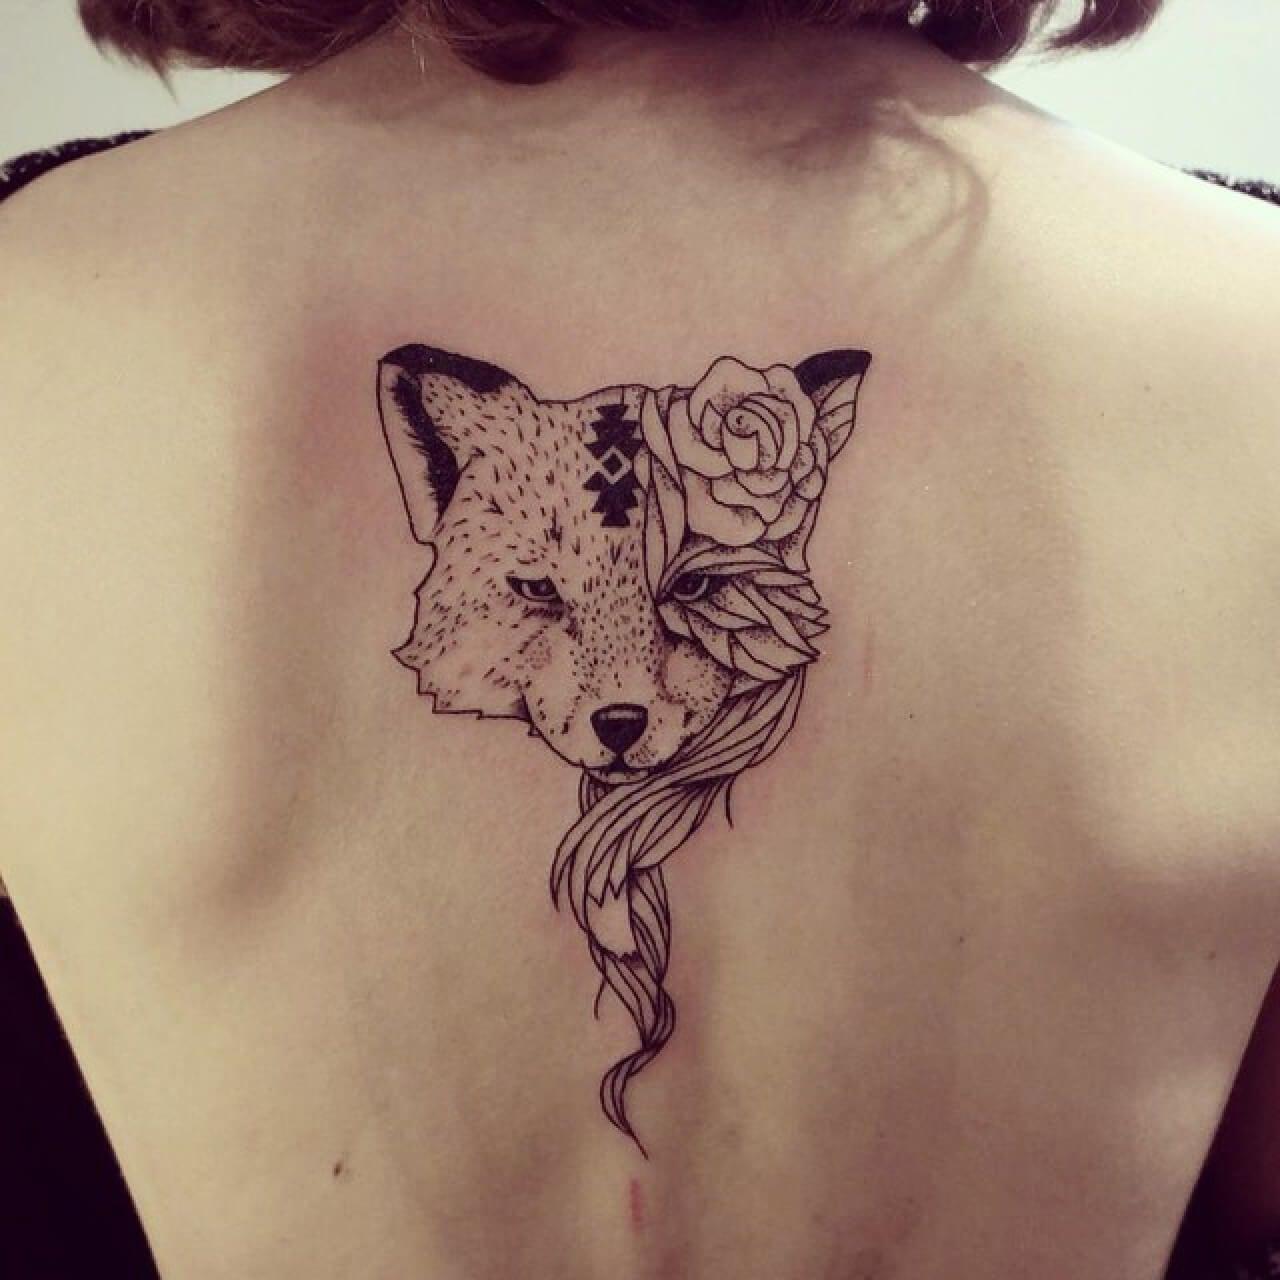 Schwarz-Weiß-Tattoo: Effektive Skizzen für Frauen und ihre